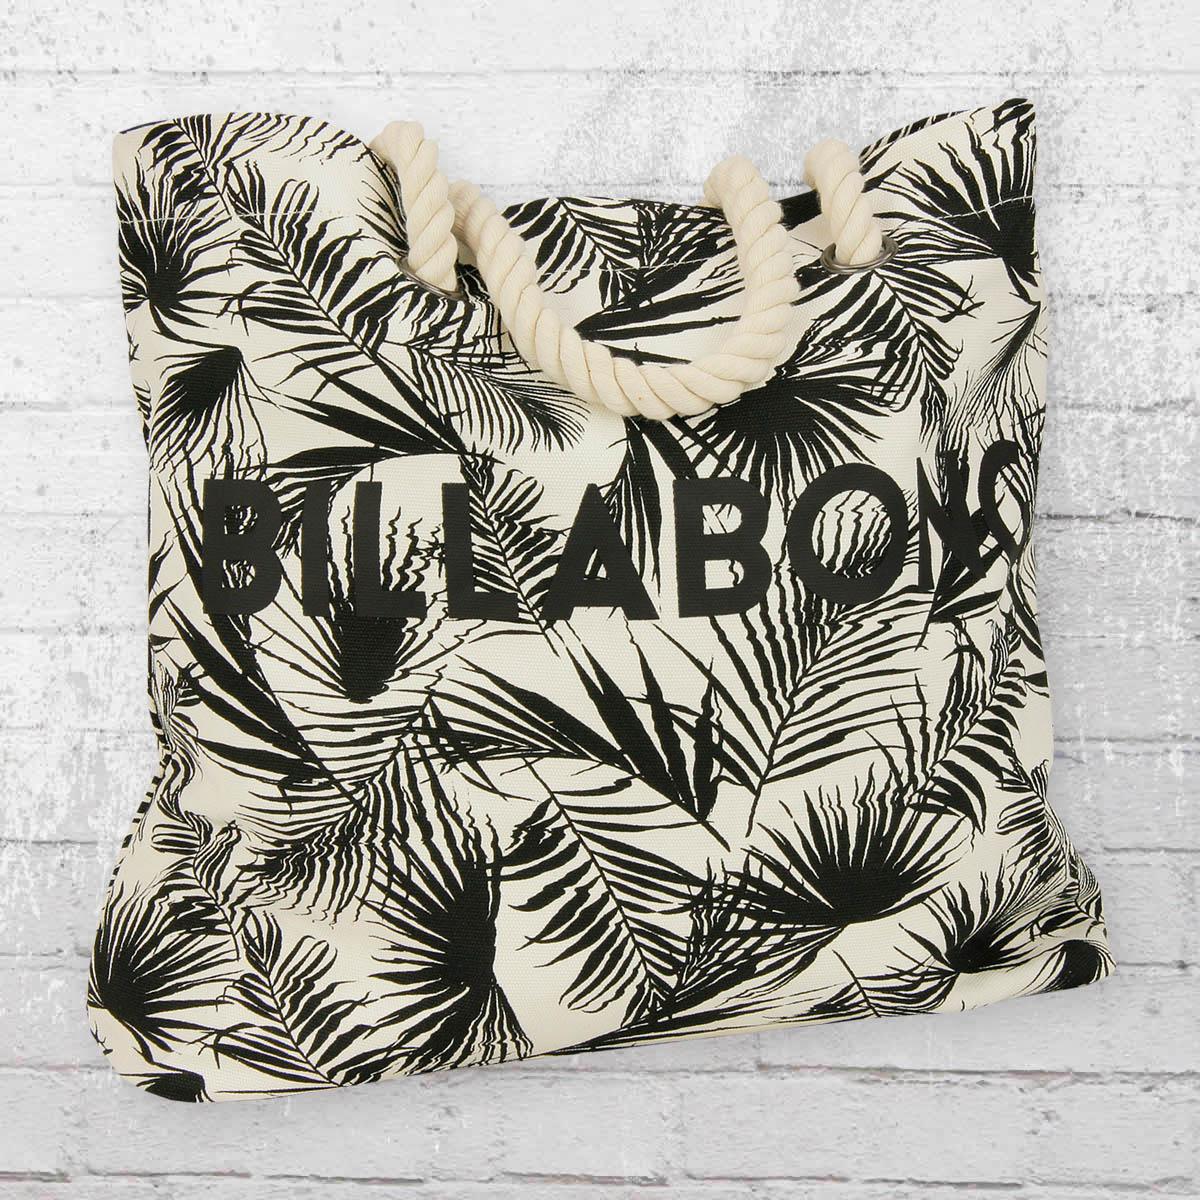 jetzt bestellen billabong damen tasche essential bag weiss schwarz krasse. Black Bedroom Furniture Sets. Home Design Ideas